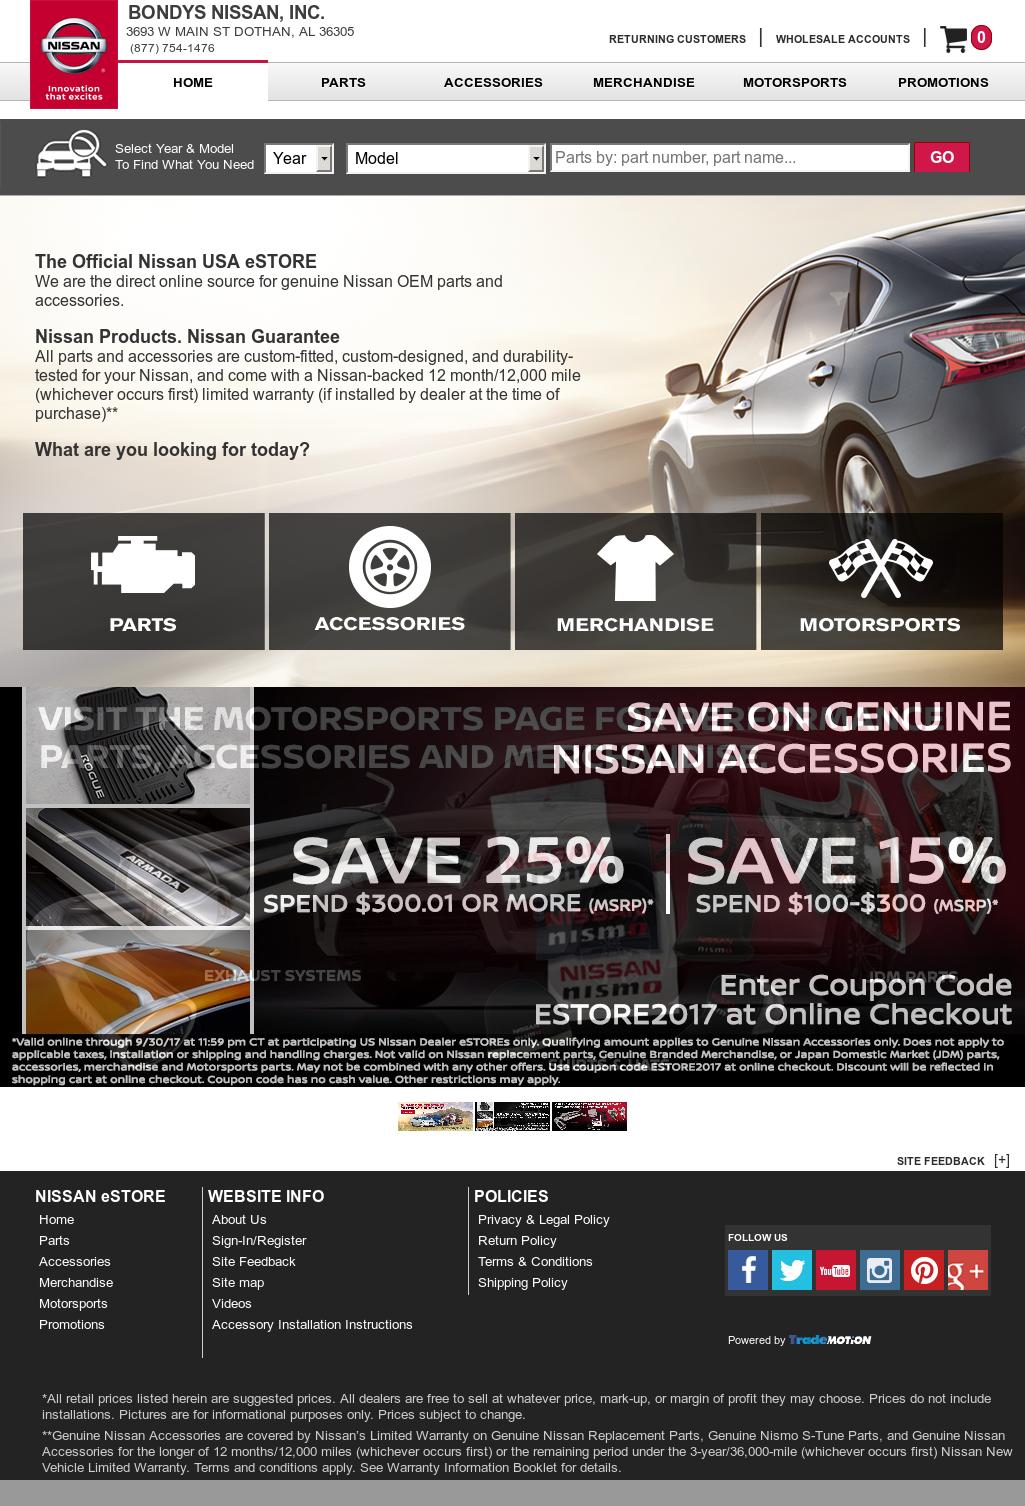 Bondys Nissan Website History